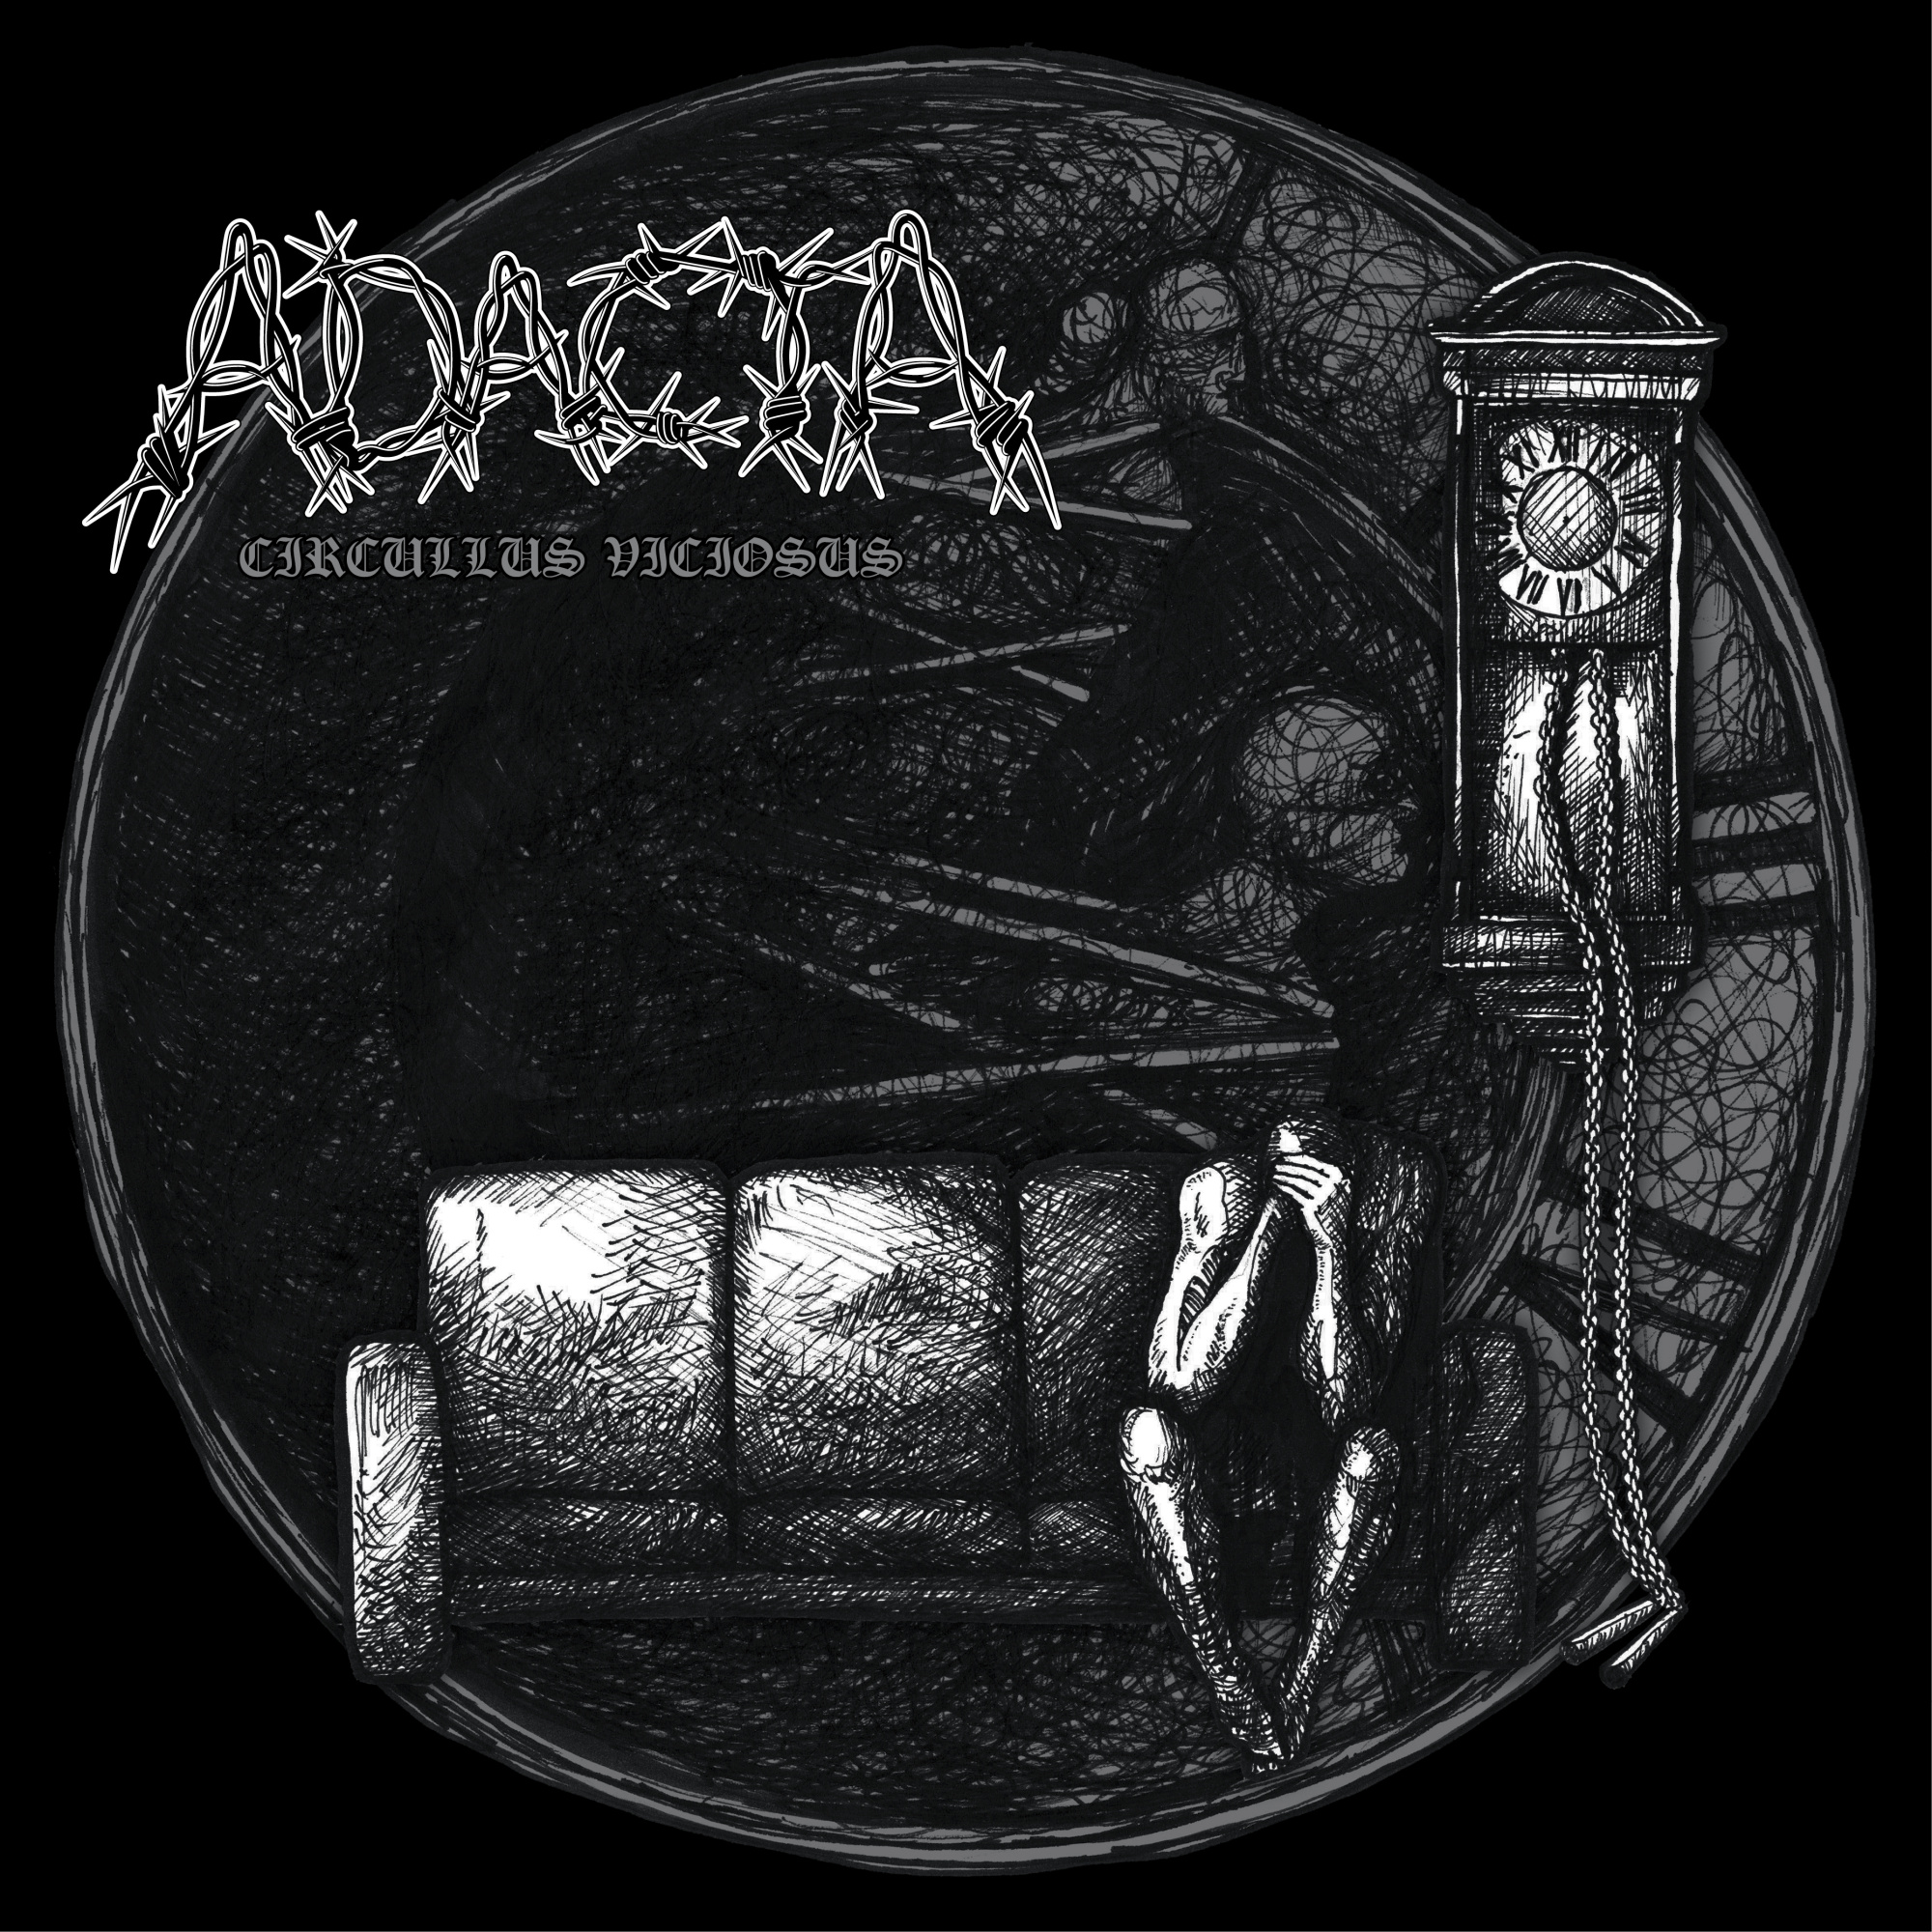 Adacta – Circullus Viciosus